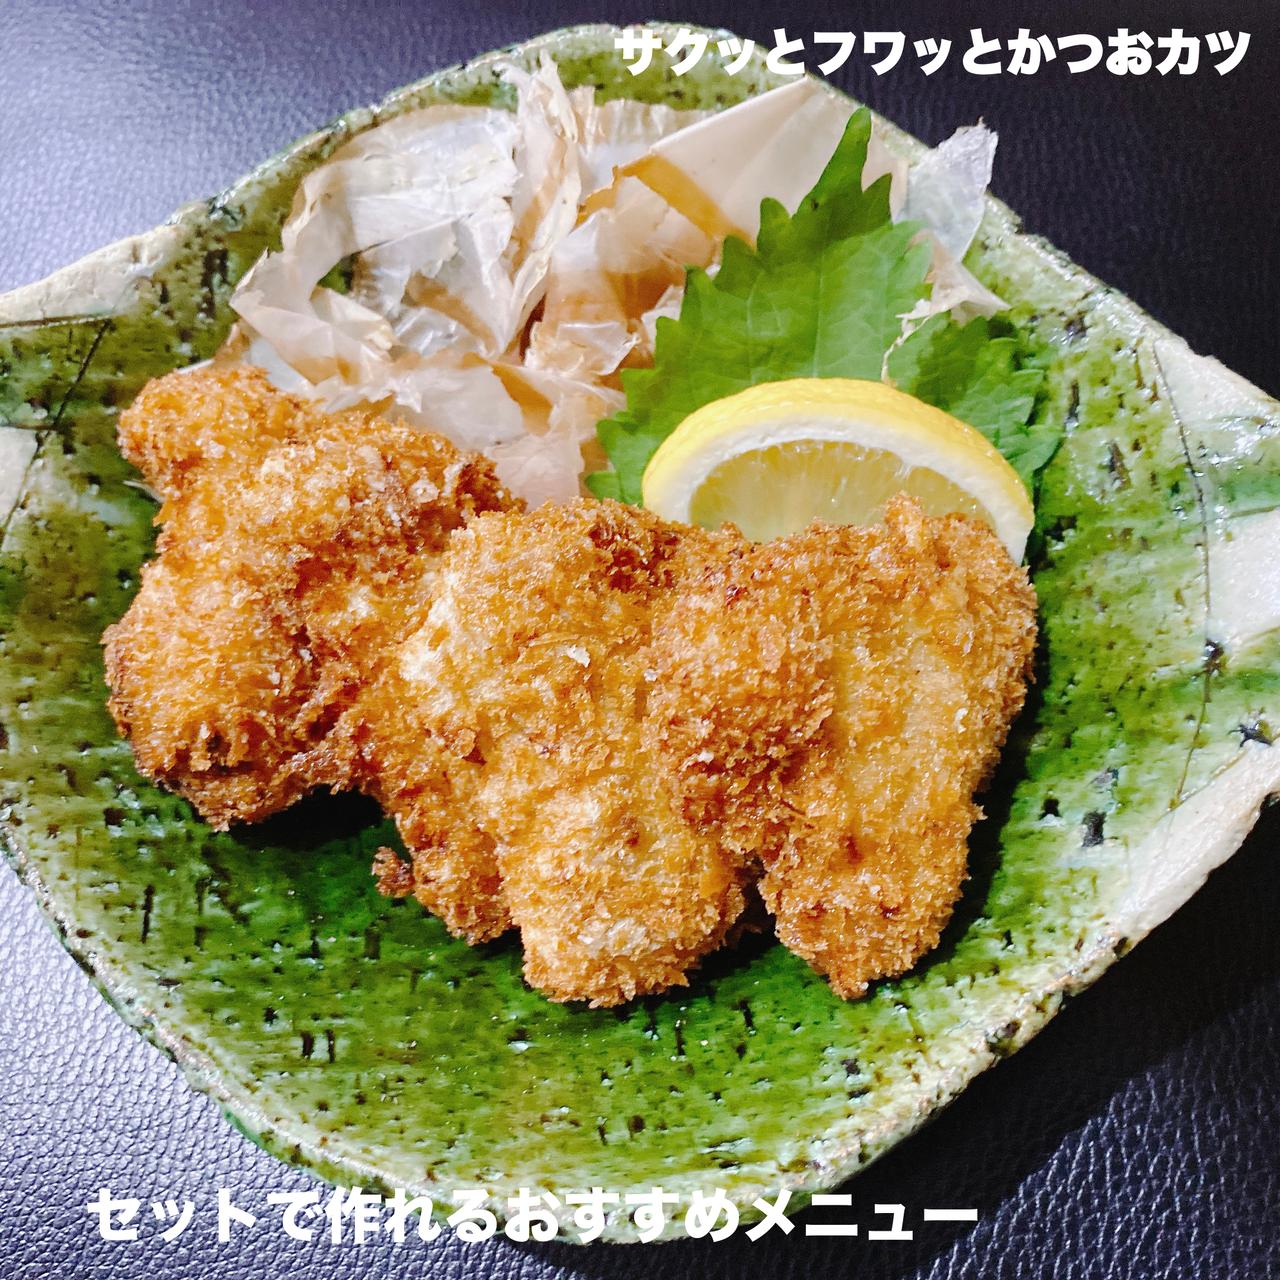 【送料無料】かつお漬け丼セット3杯分×2セット(6人用)指宿産かつお&鰹節